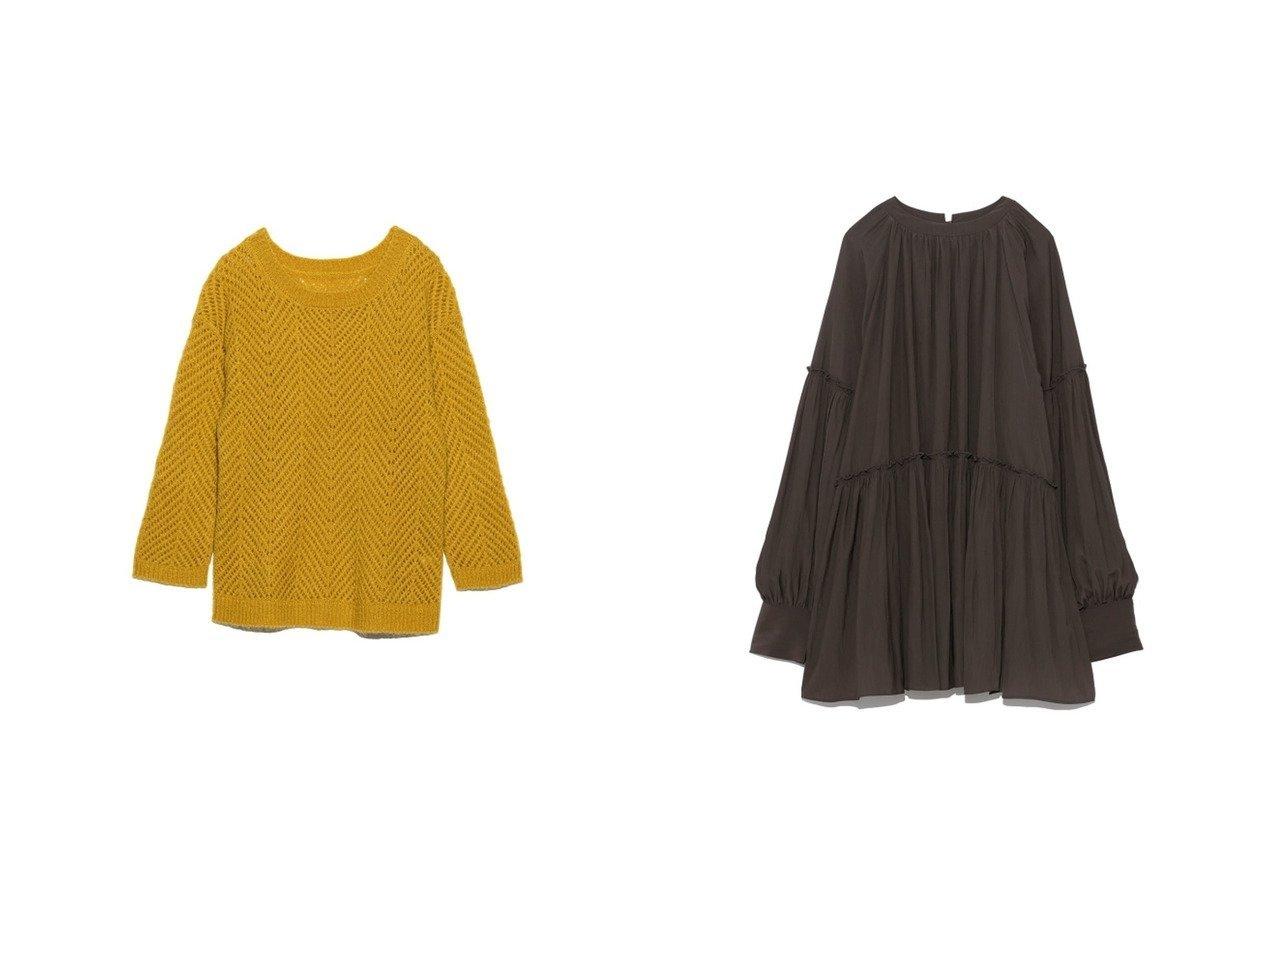 【Lily Brown/リリーブラウン】の透け編みニットトップス&【Mila Owen/ミラオーウェン】のハイネックギャザーチュニック トップス・カットソーのおすすめ!人気、レディースファッションの通販  おすすめで人気のファッション通販商品 インテリア・家具・キッズファッション・メンズファッション・レディースファッション・服の通販 founy(ファニー) https://founy.com/ ファッション Fashion レディース WOMEN トップス Tops Tshirt ニット Knit Tops イエロー モヘア ウォッシャブル オレンジ ギャザー クラシカル チュニック ハイネック |ID:crp329100000002075